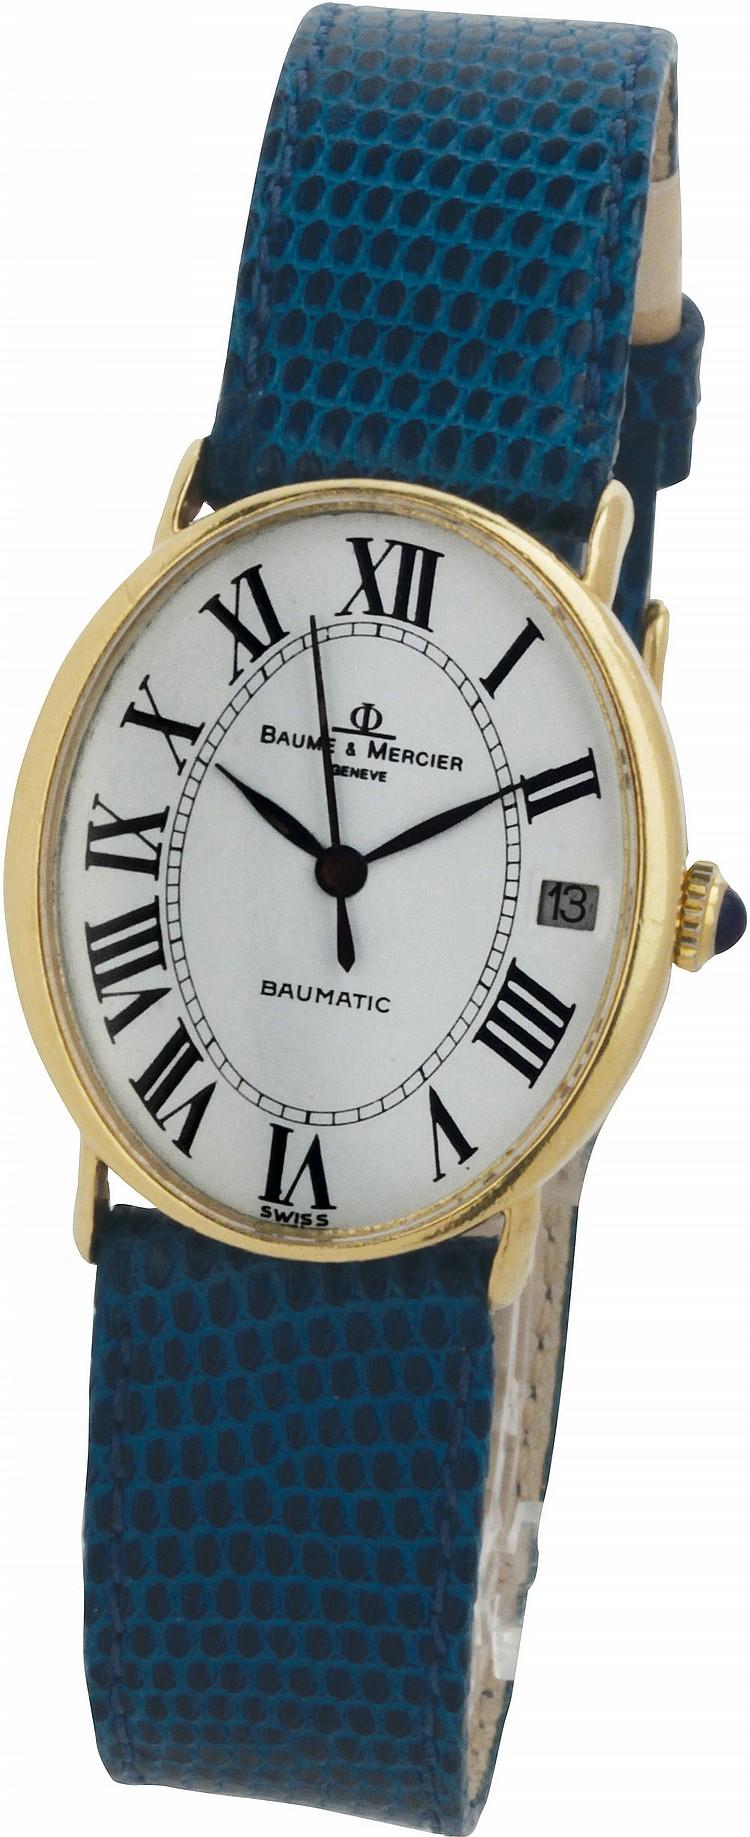 Baume Et Mercier Baumatic